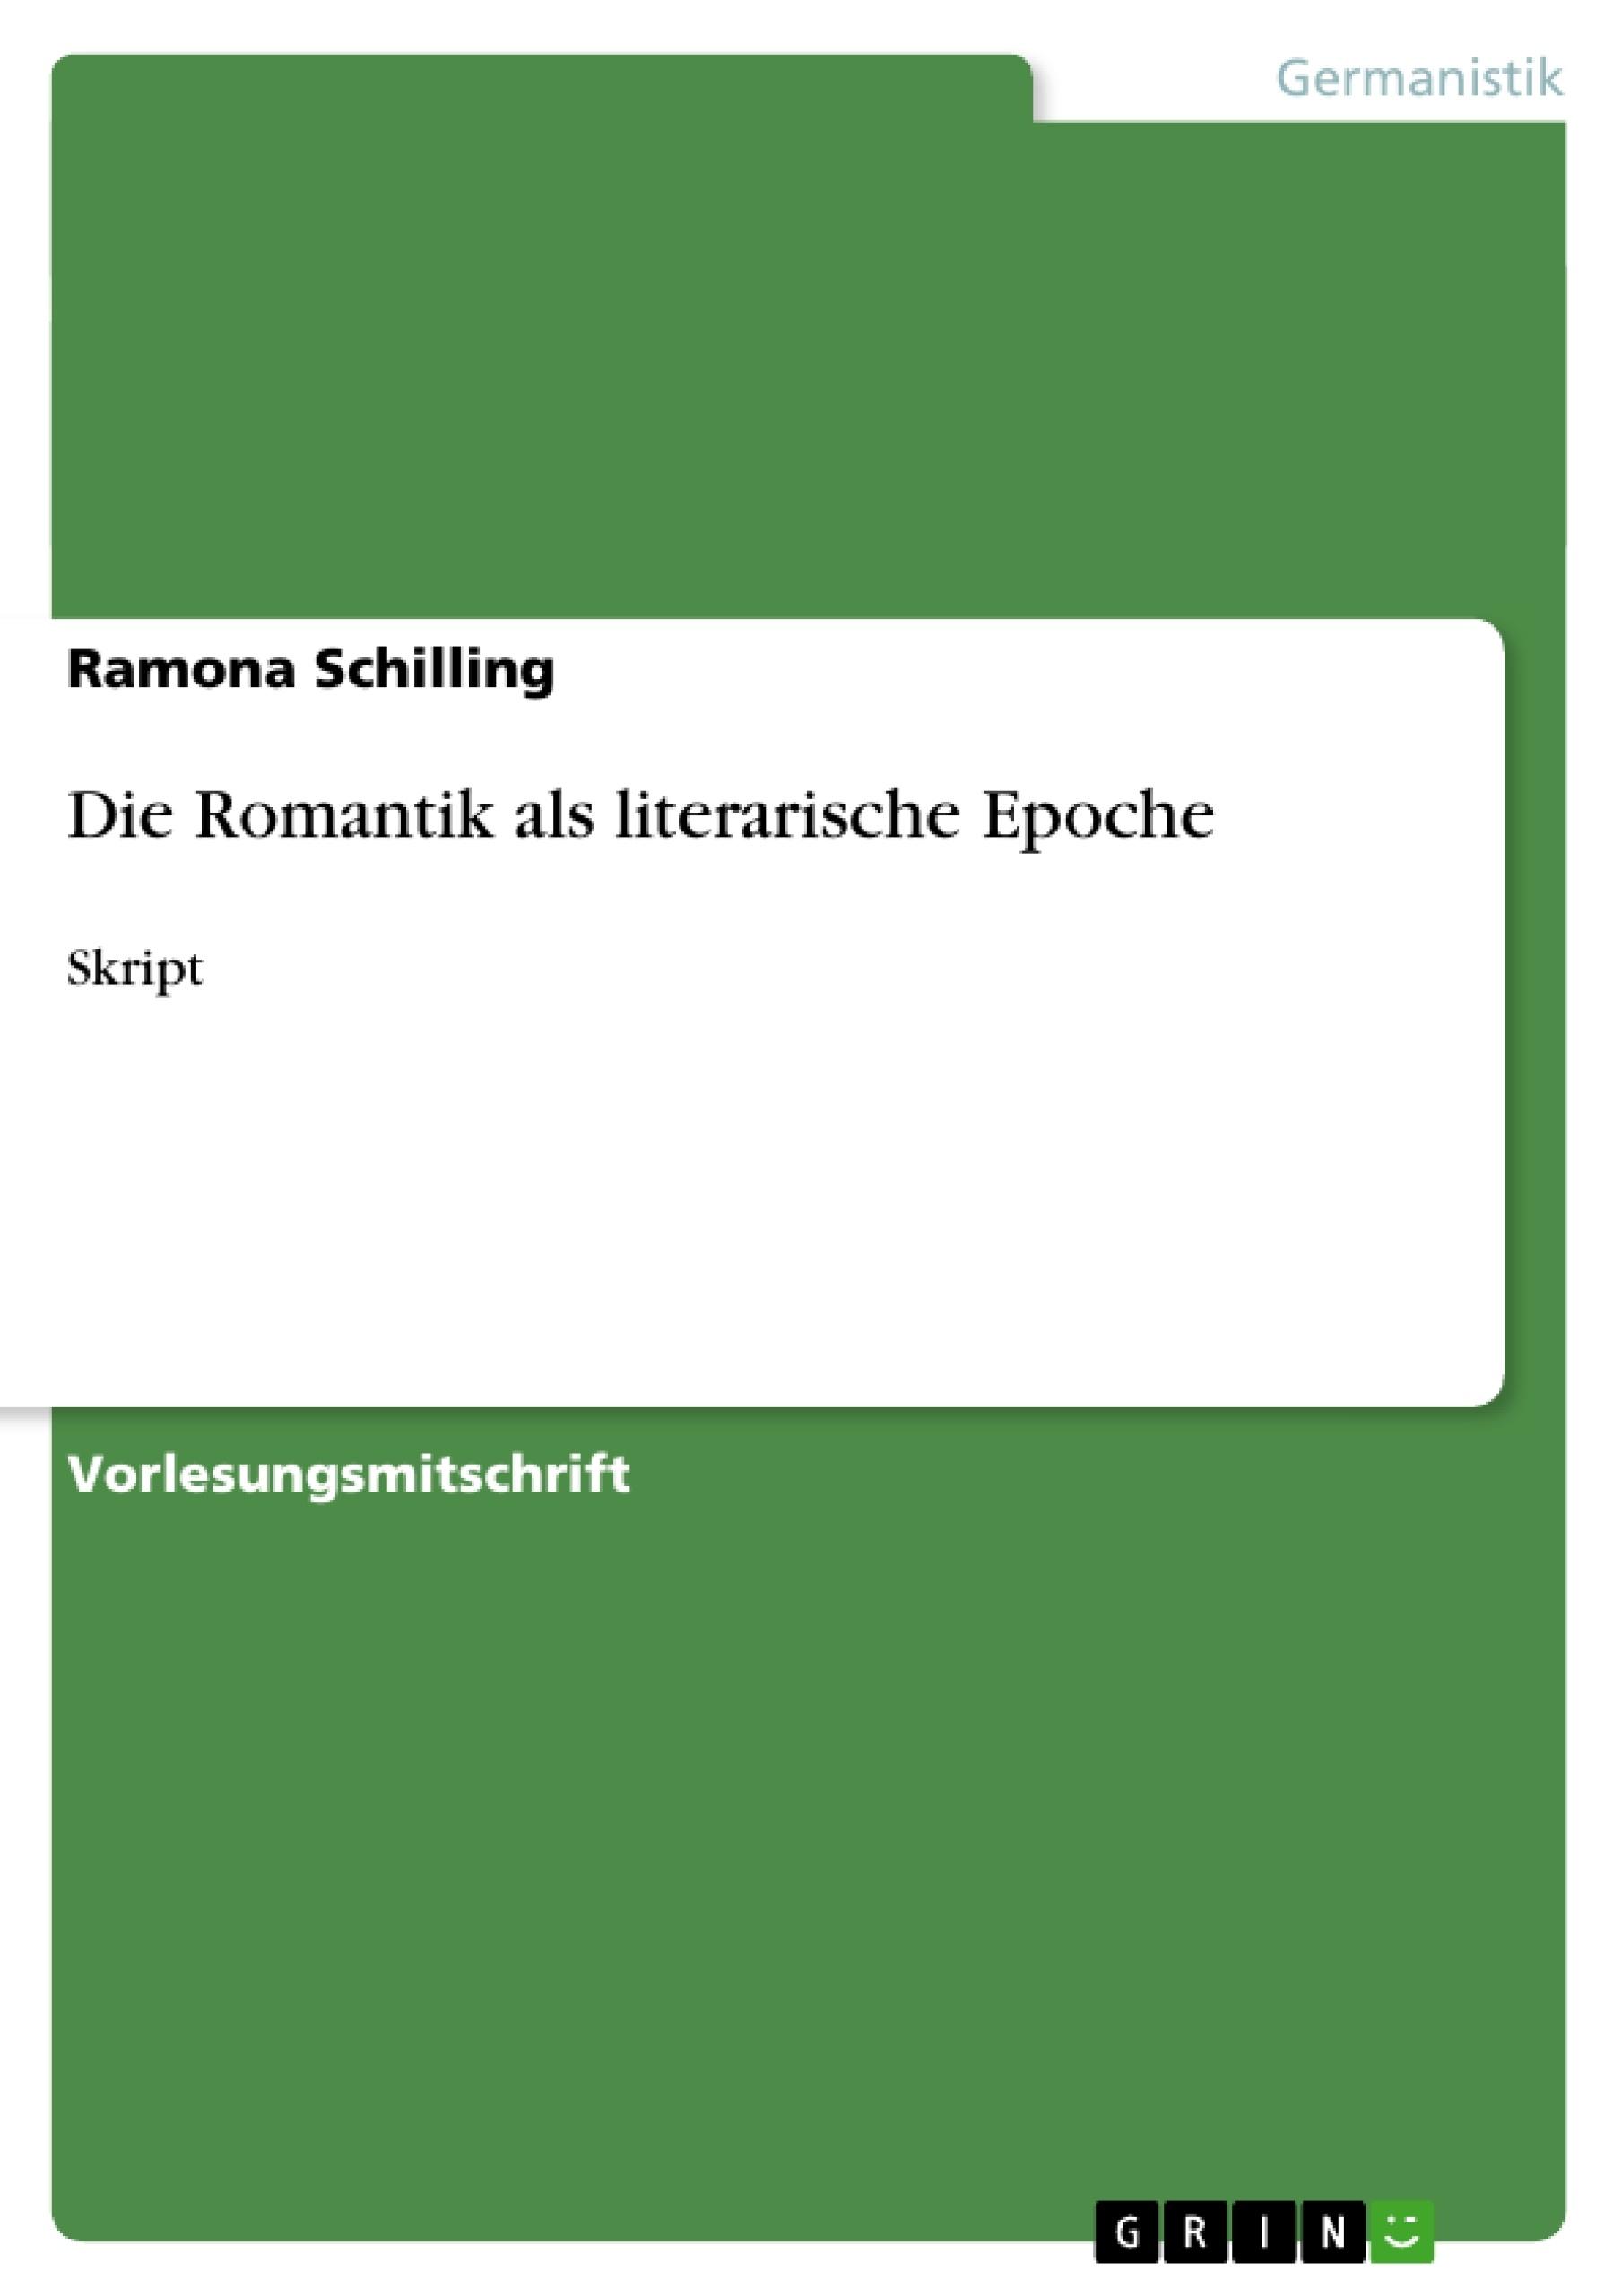 Titel: Die Romantik als literarische Epoche